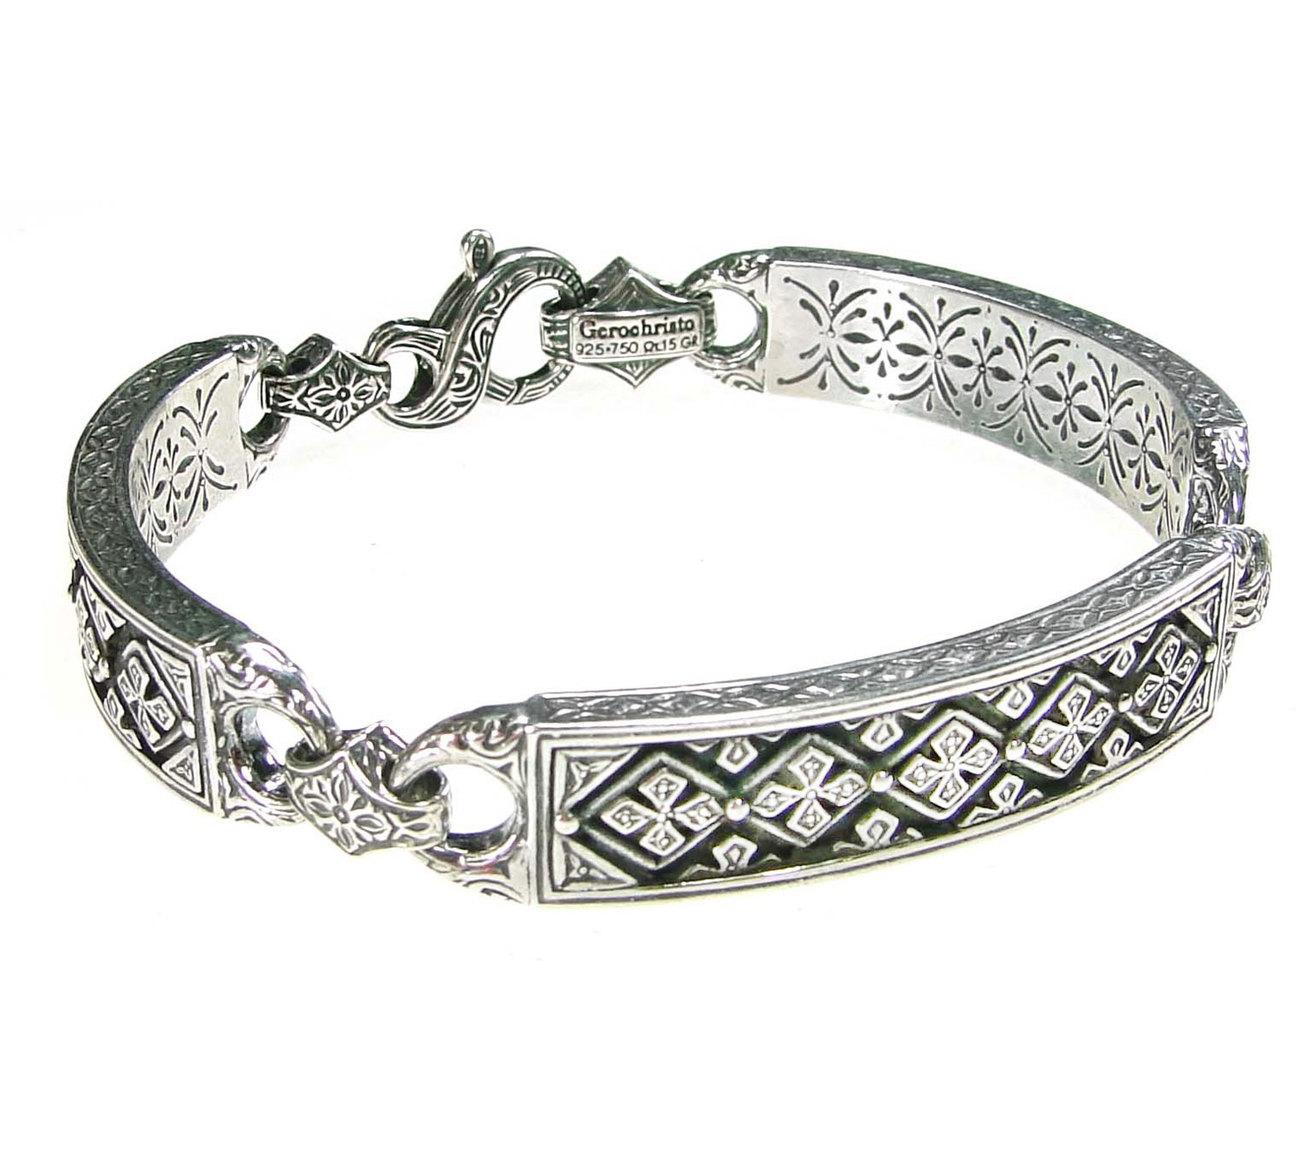 02006335 gerochristo 6335 byzantine medieval bracelet 1